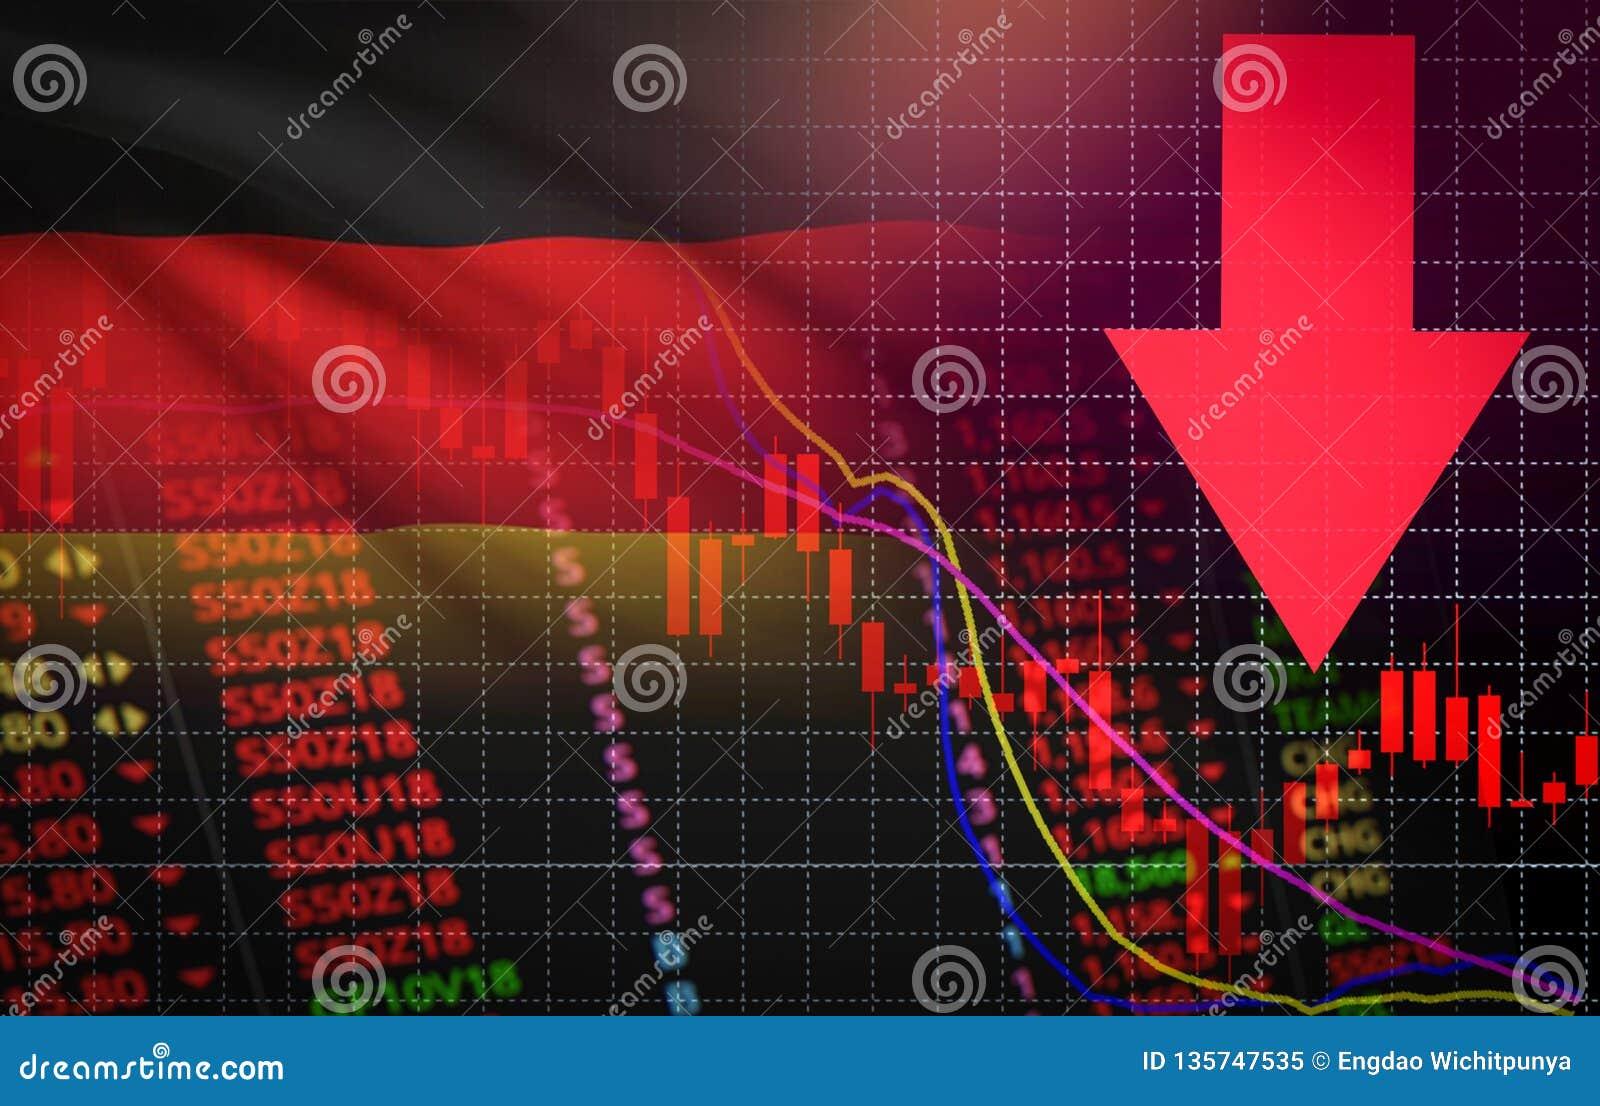 Рыночная цена кризиса валютного рынка фондовой биржи Германии красная вниз с дела падения диаграммы и падение продаж кризиса дене